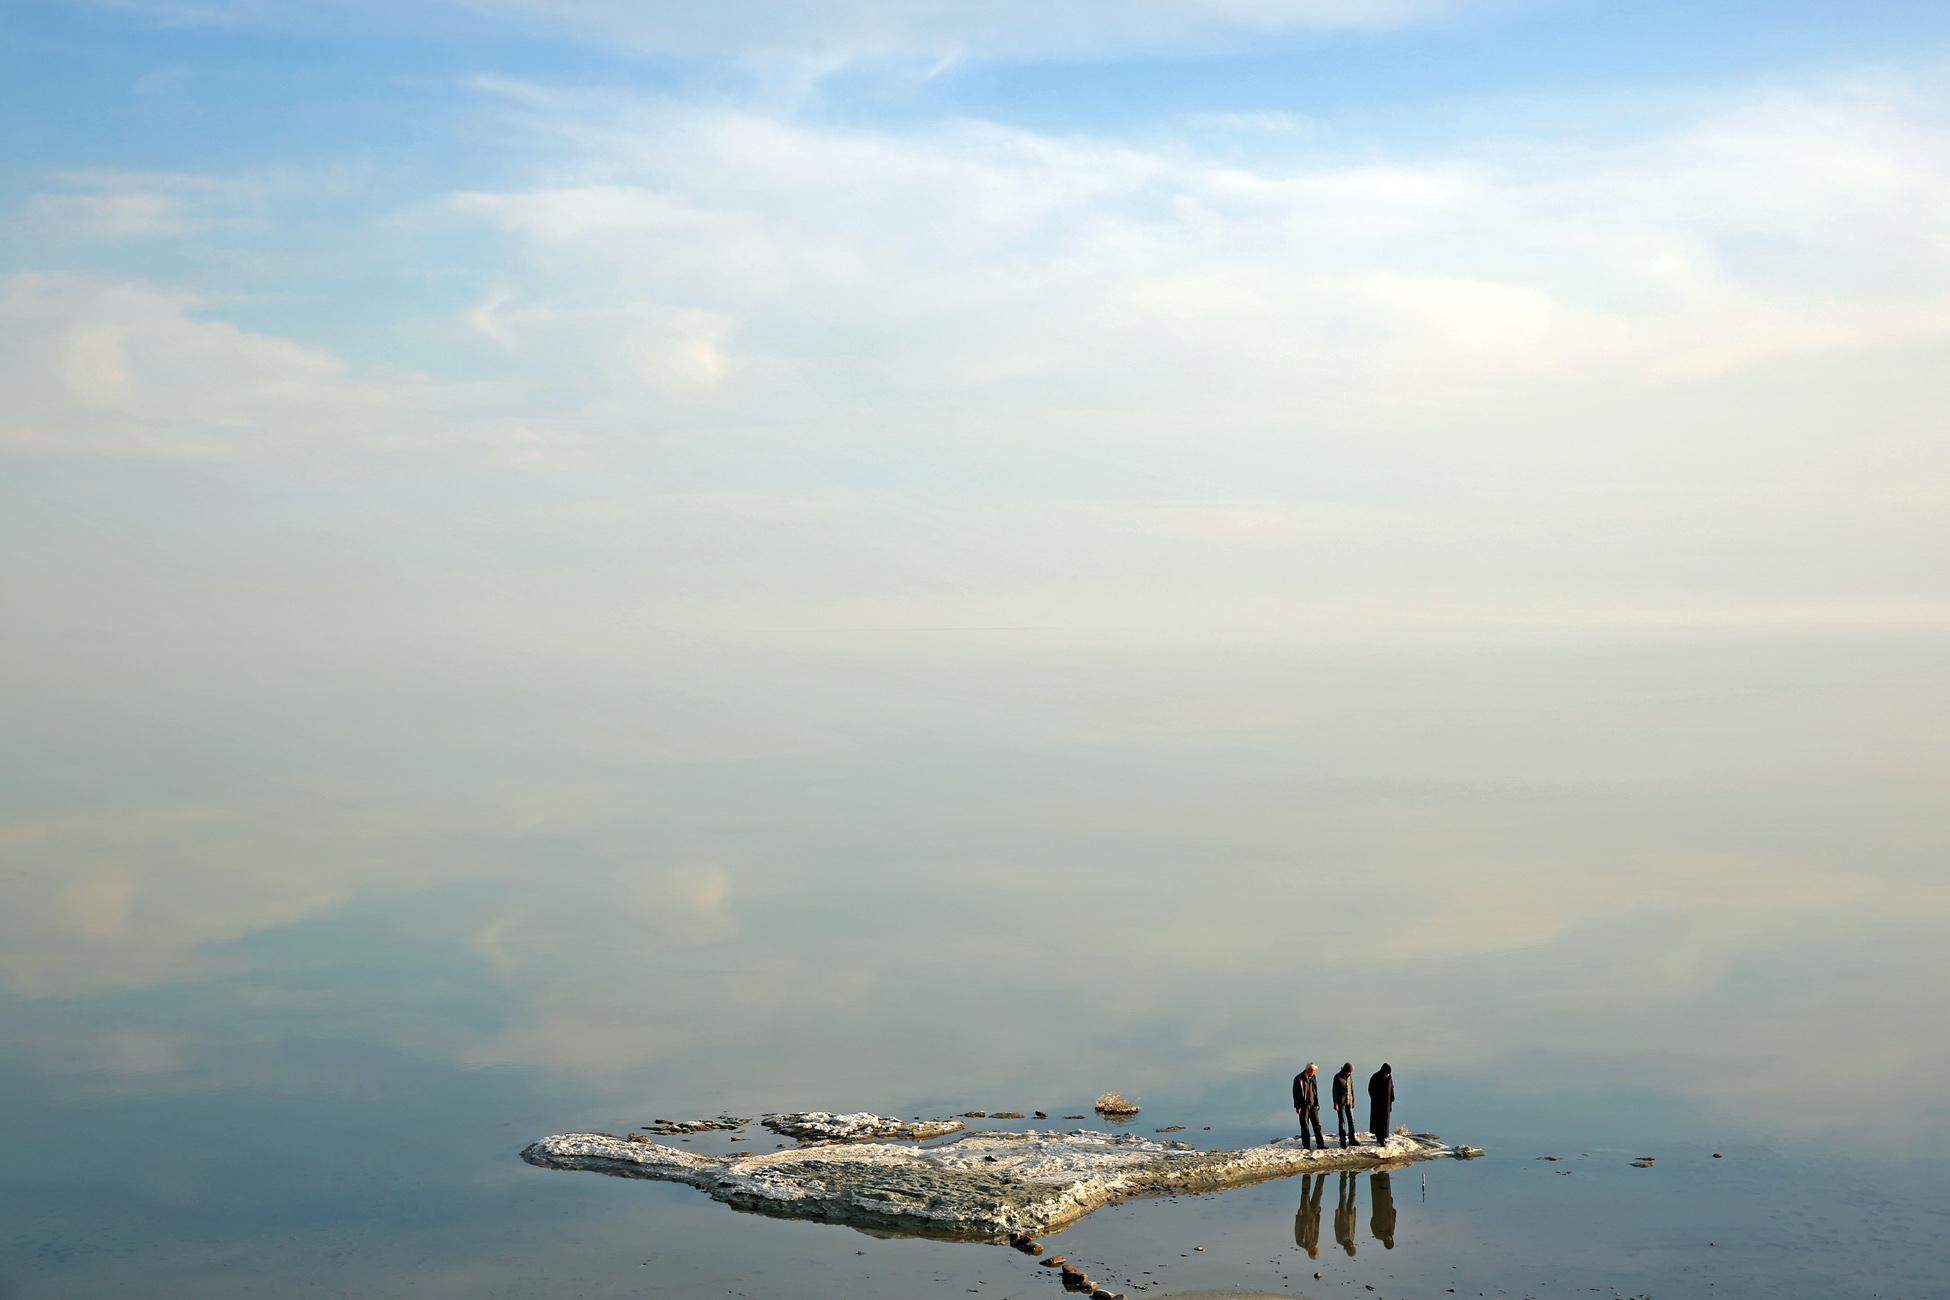 The-Lake-on-Its-Last-Legs-10